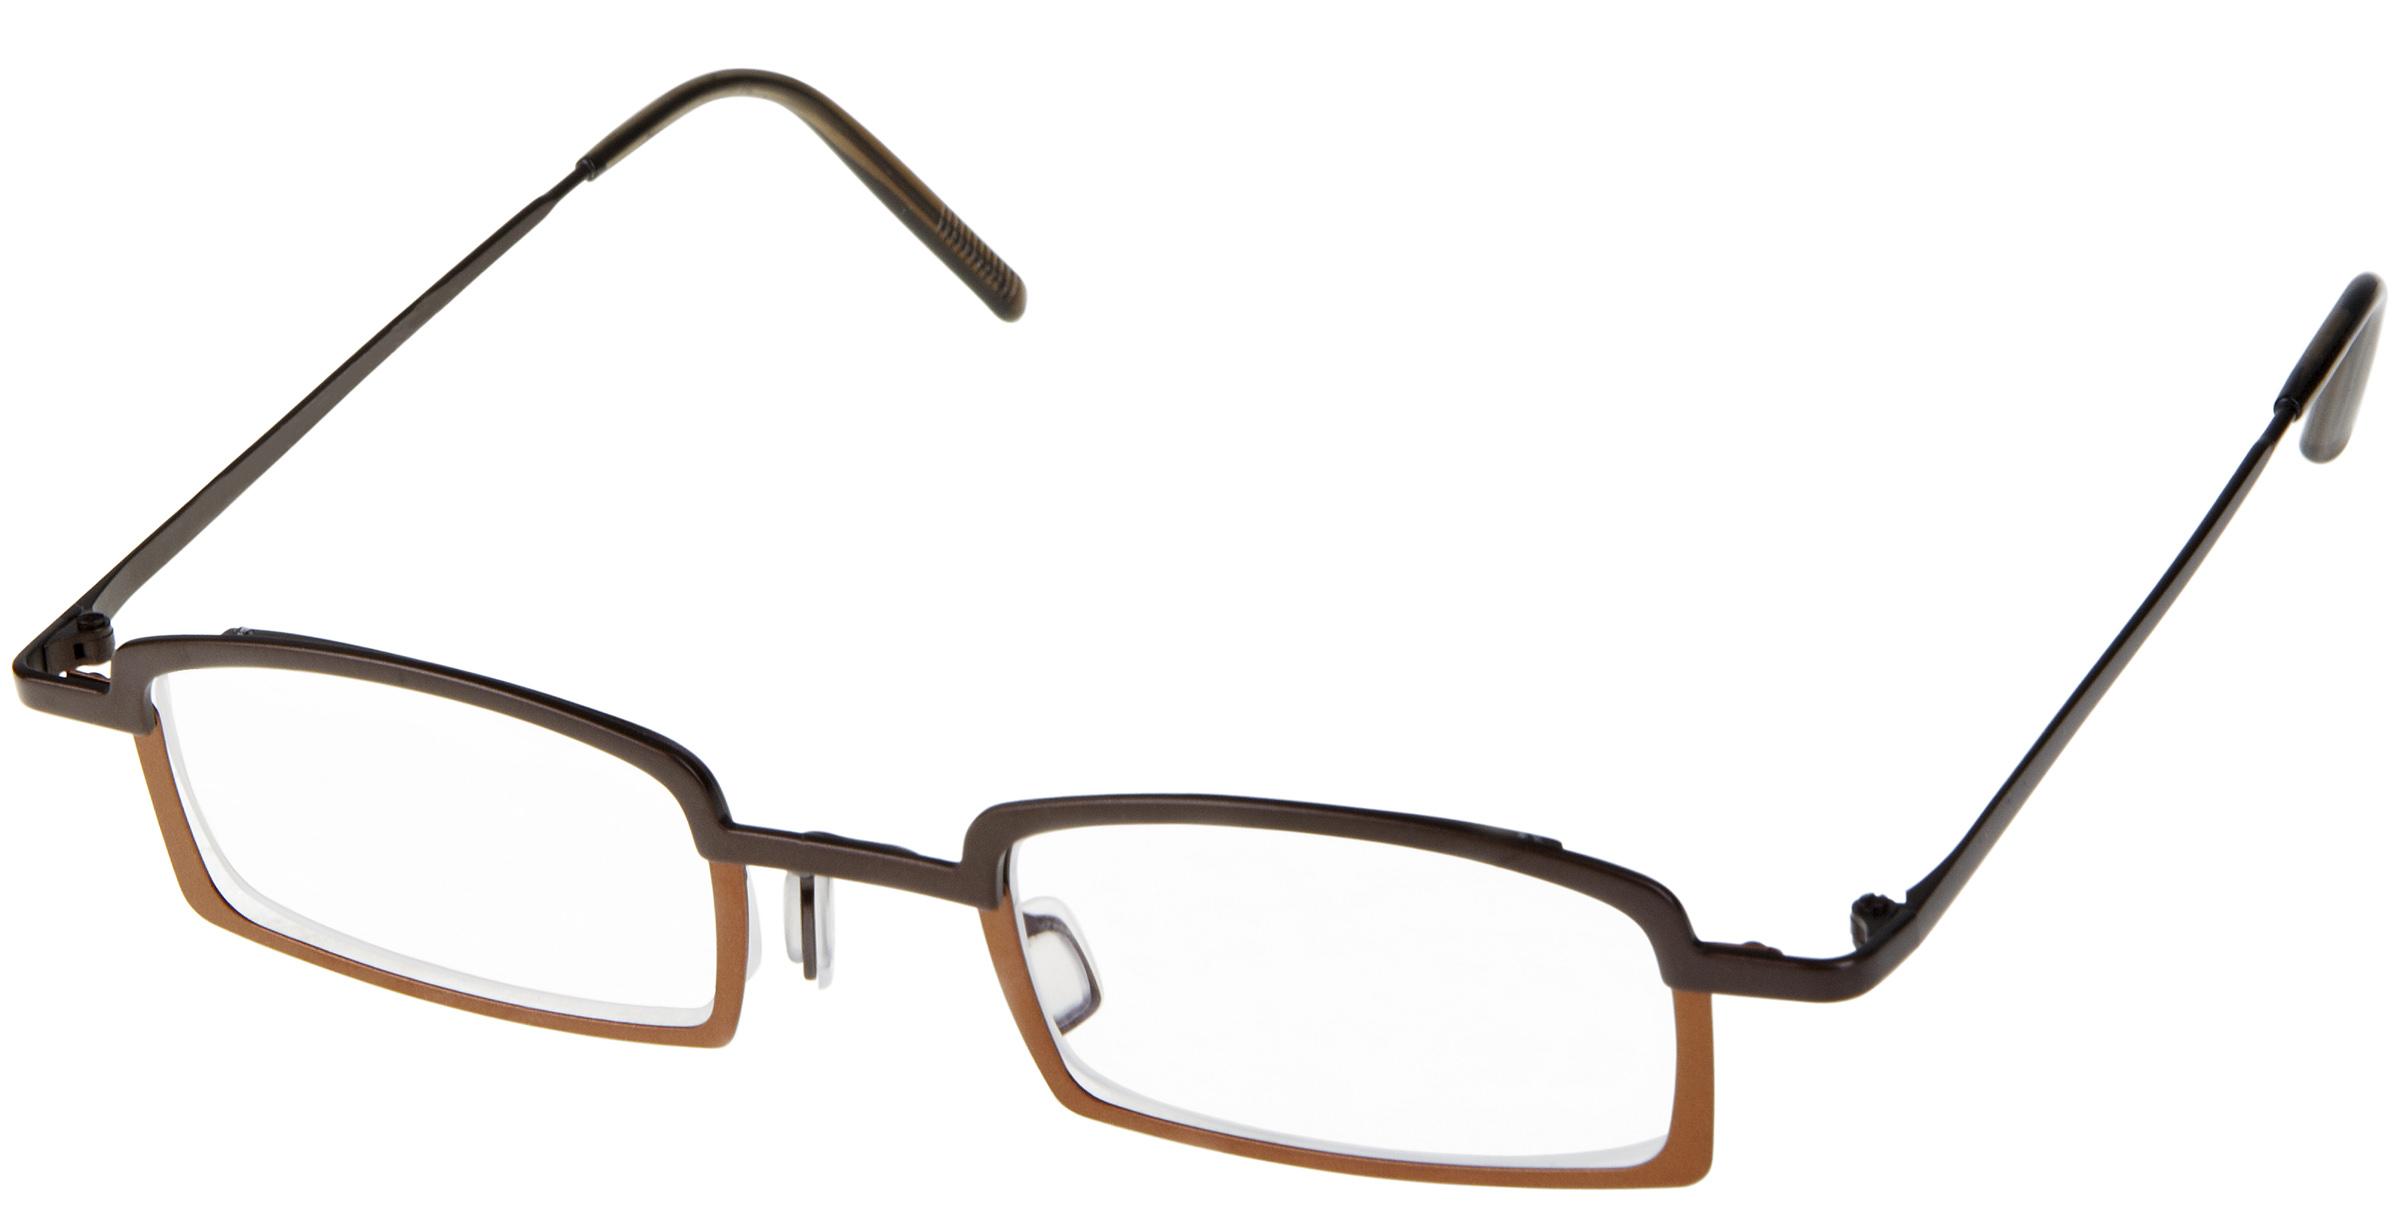 Progressive Lenses Vs Bifocals Pros And Cons Progressive Lenses